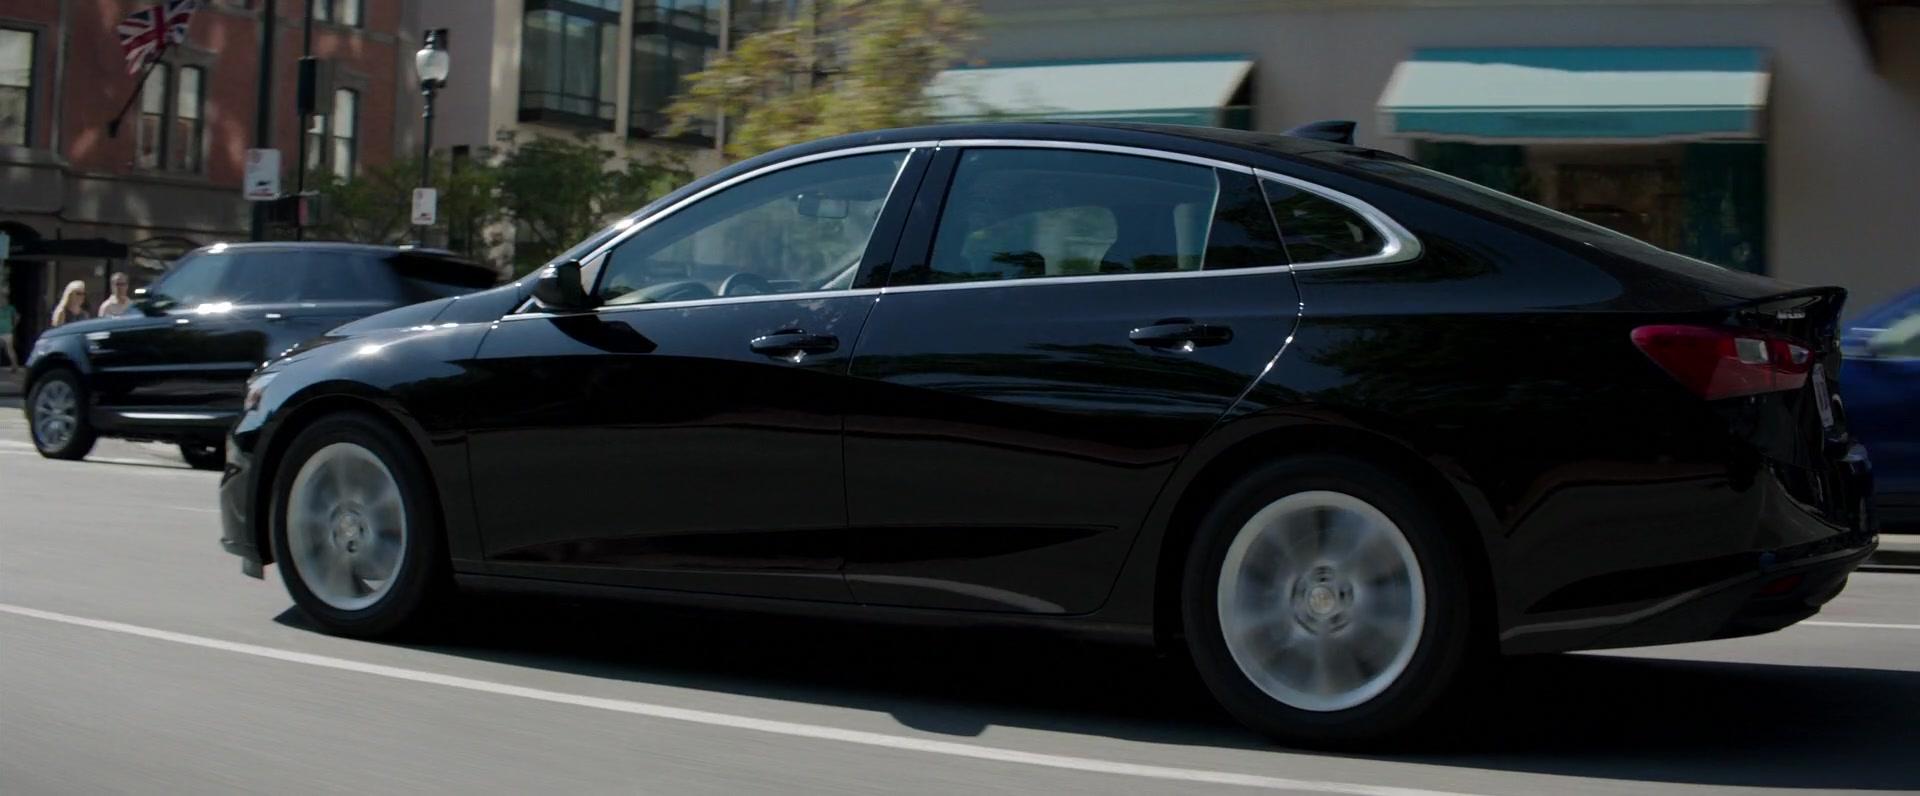 Chevrolet Malibu Car Driven by Denzel Washington in The ...